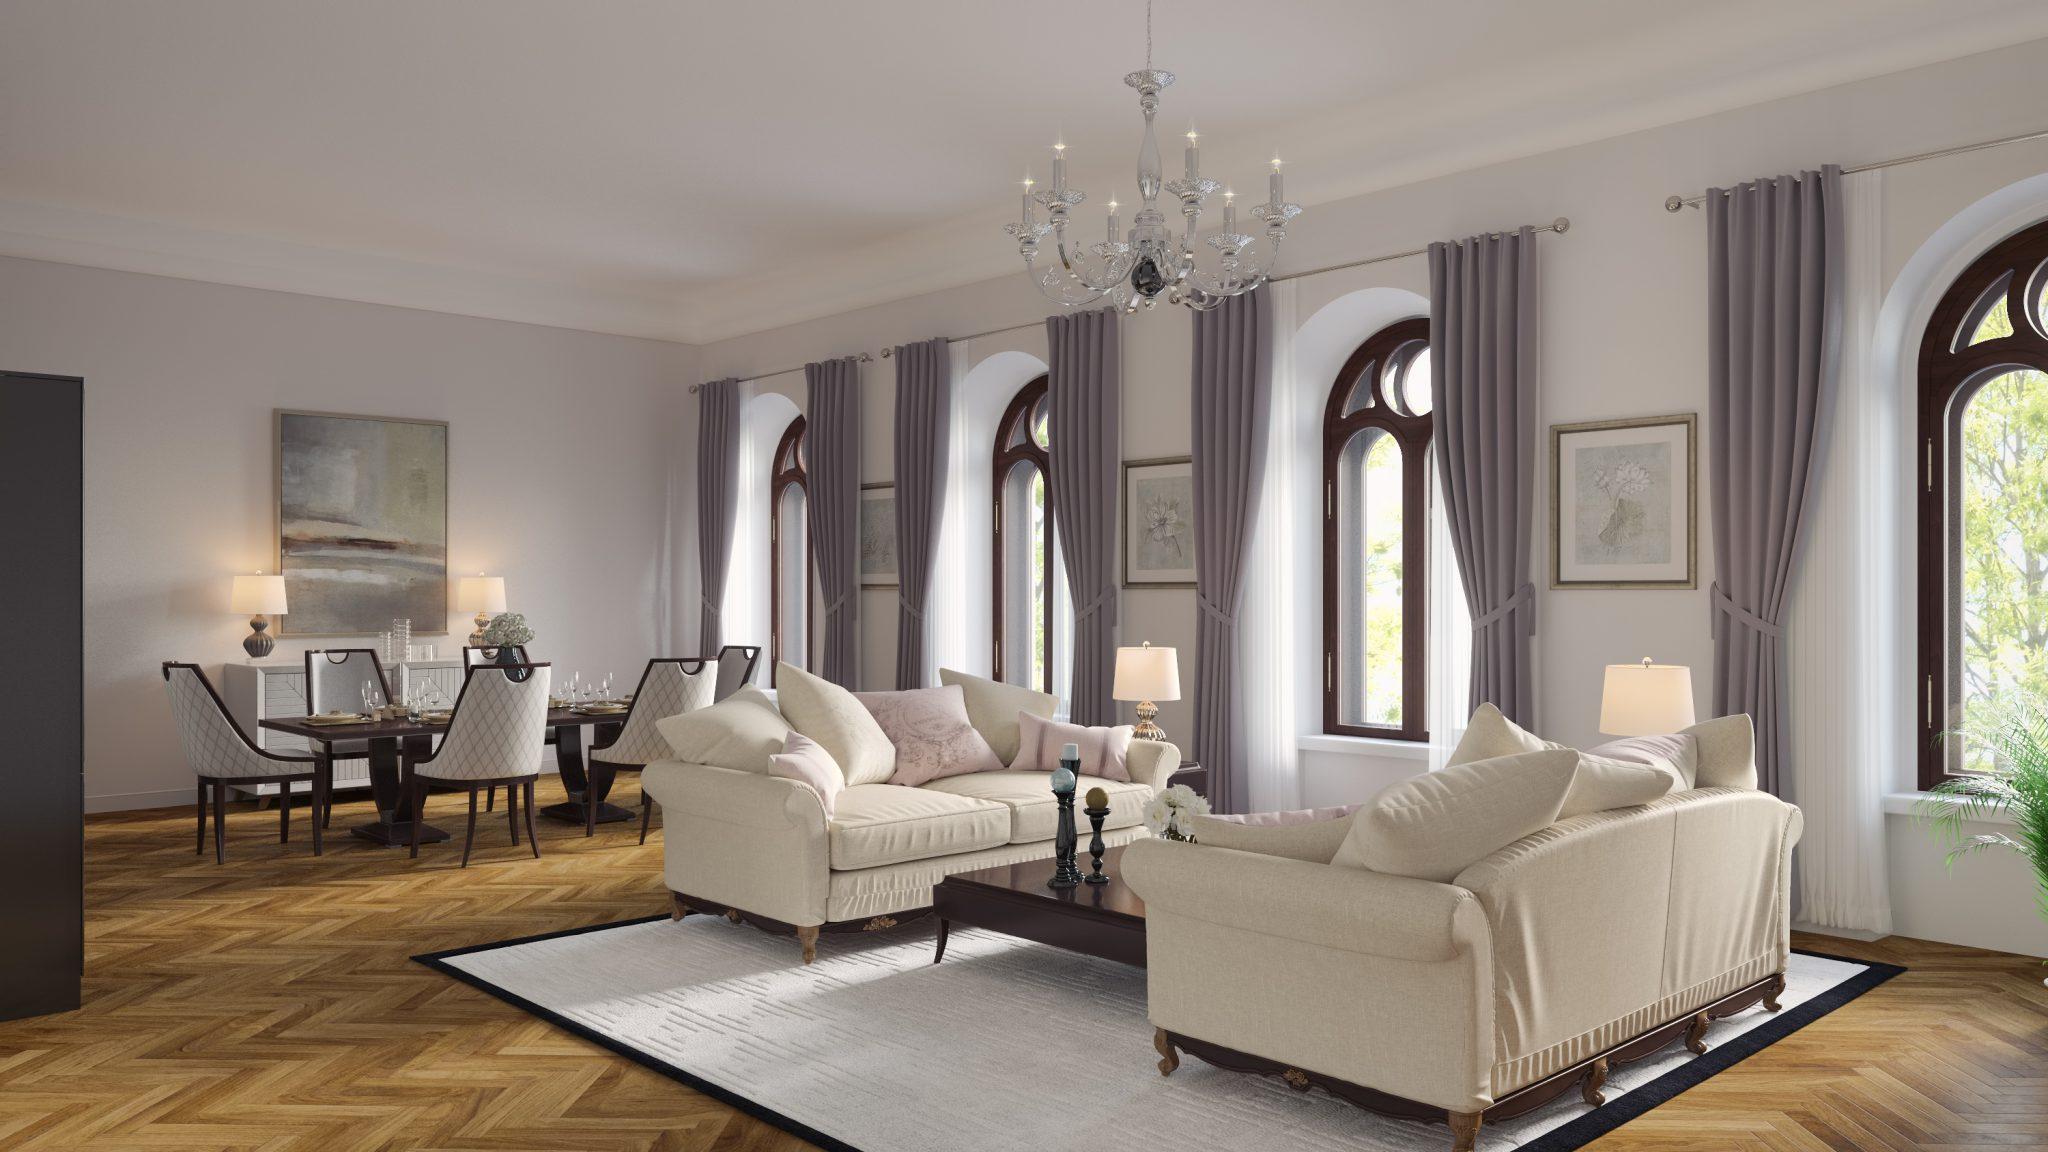 Pressiteade: Colliers International  alustas eksklusiivsete renoveeritud vanalinna korterite müüki